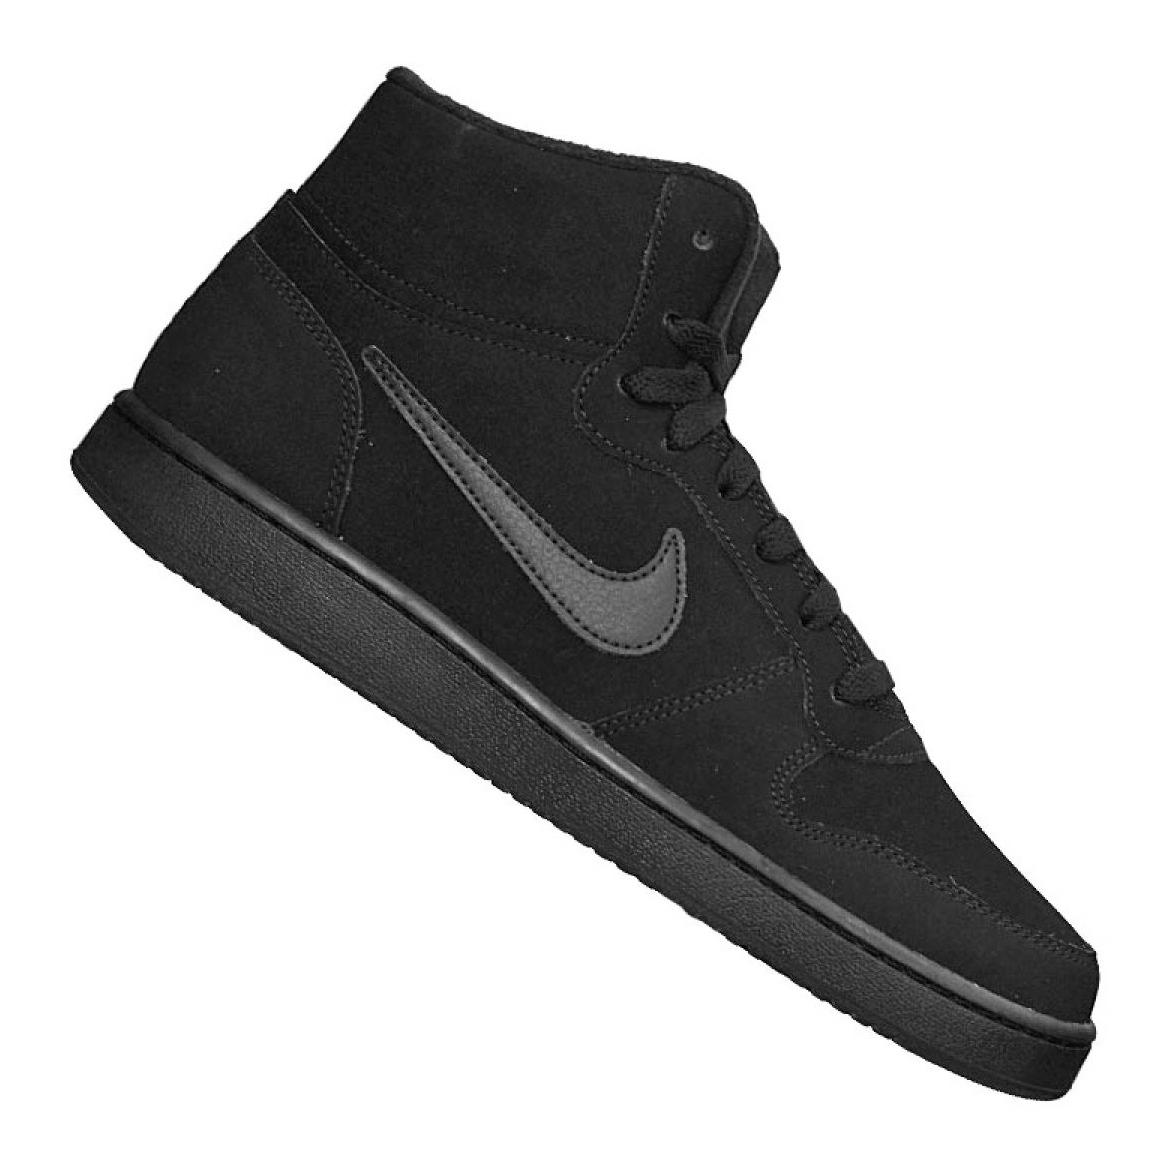 Details zu Nike Ebernon Mid Se M AQ8125 003 Schuhe schwarz